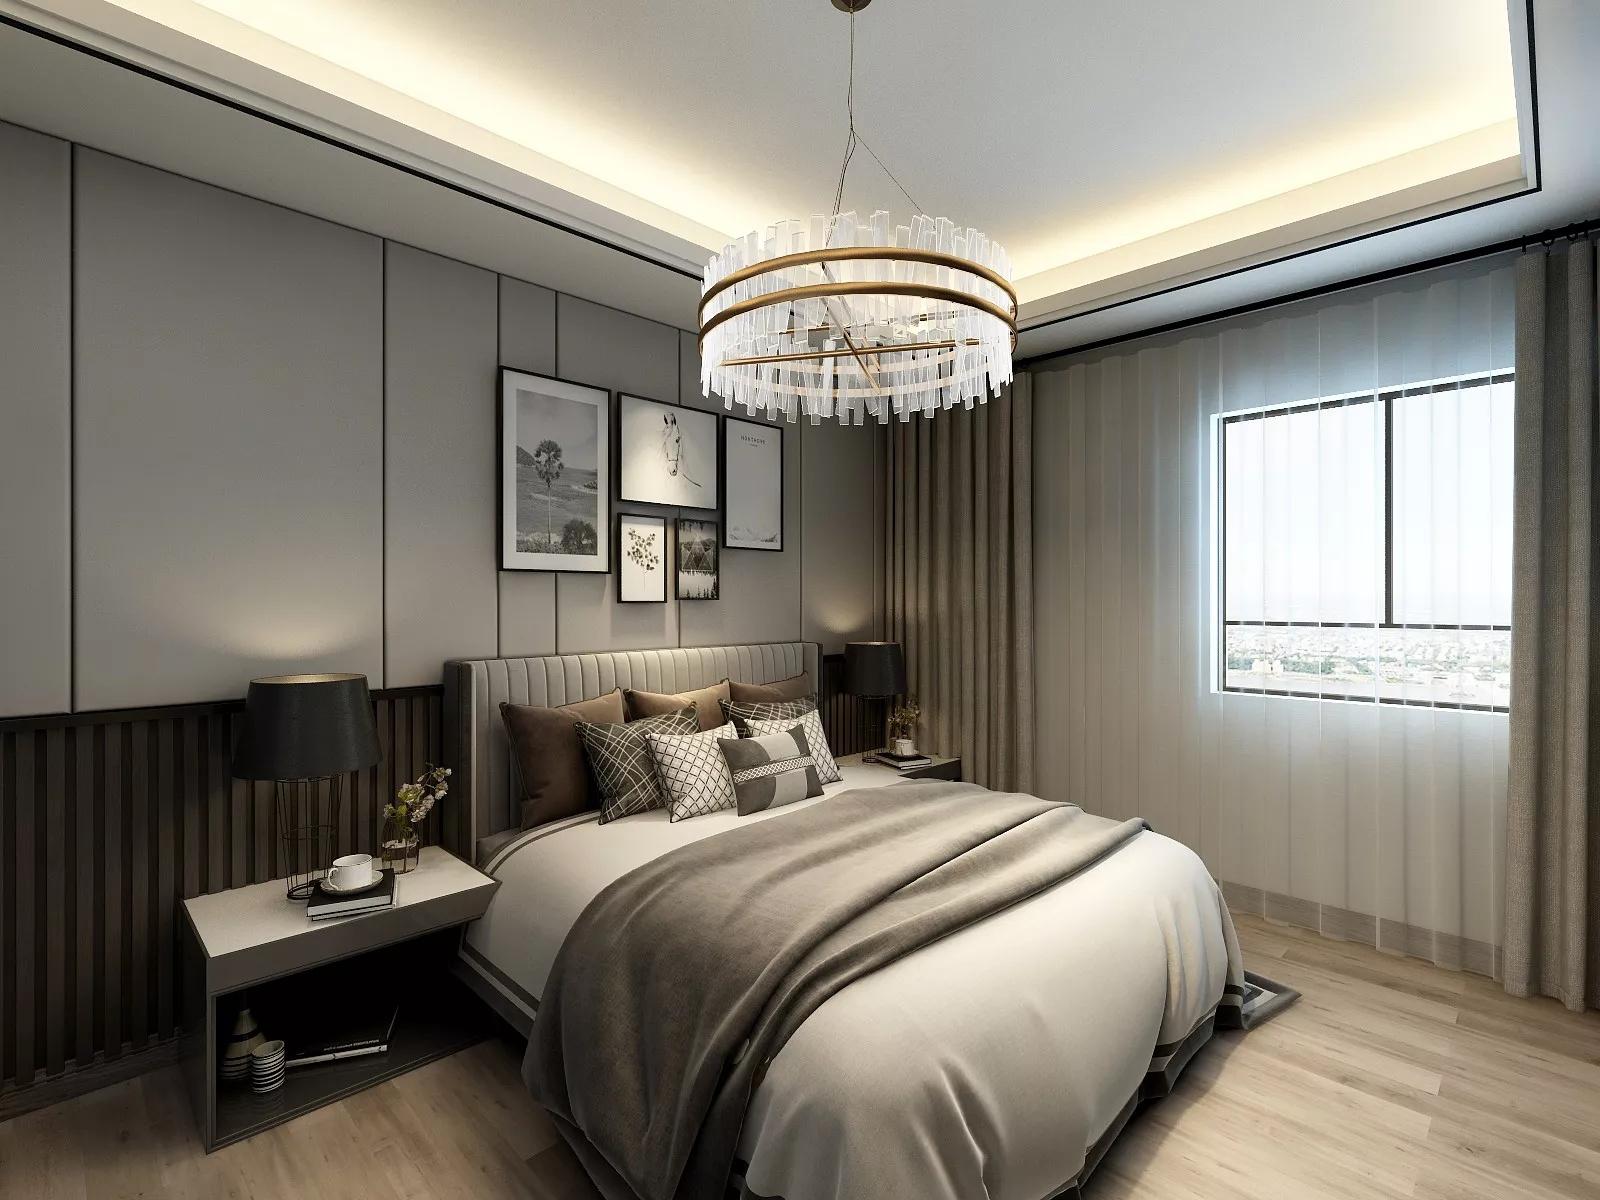 长卧室如何设计?小编这有三个方案!